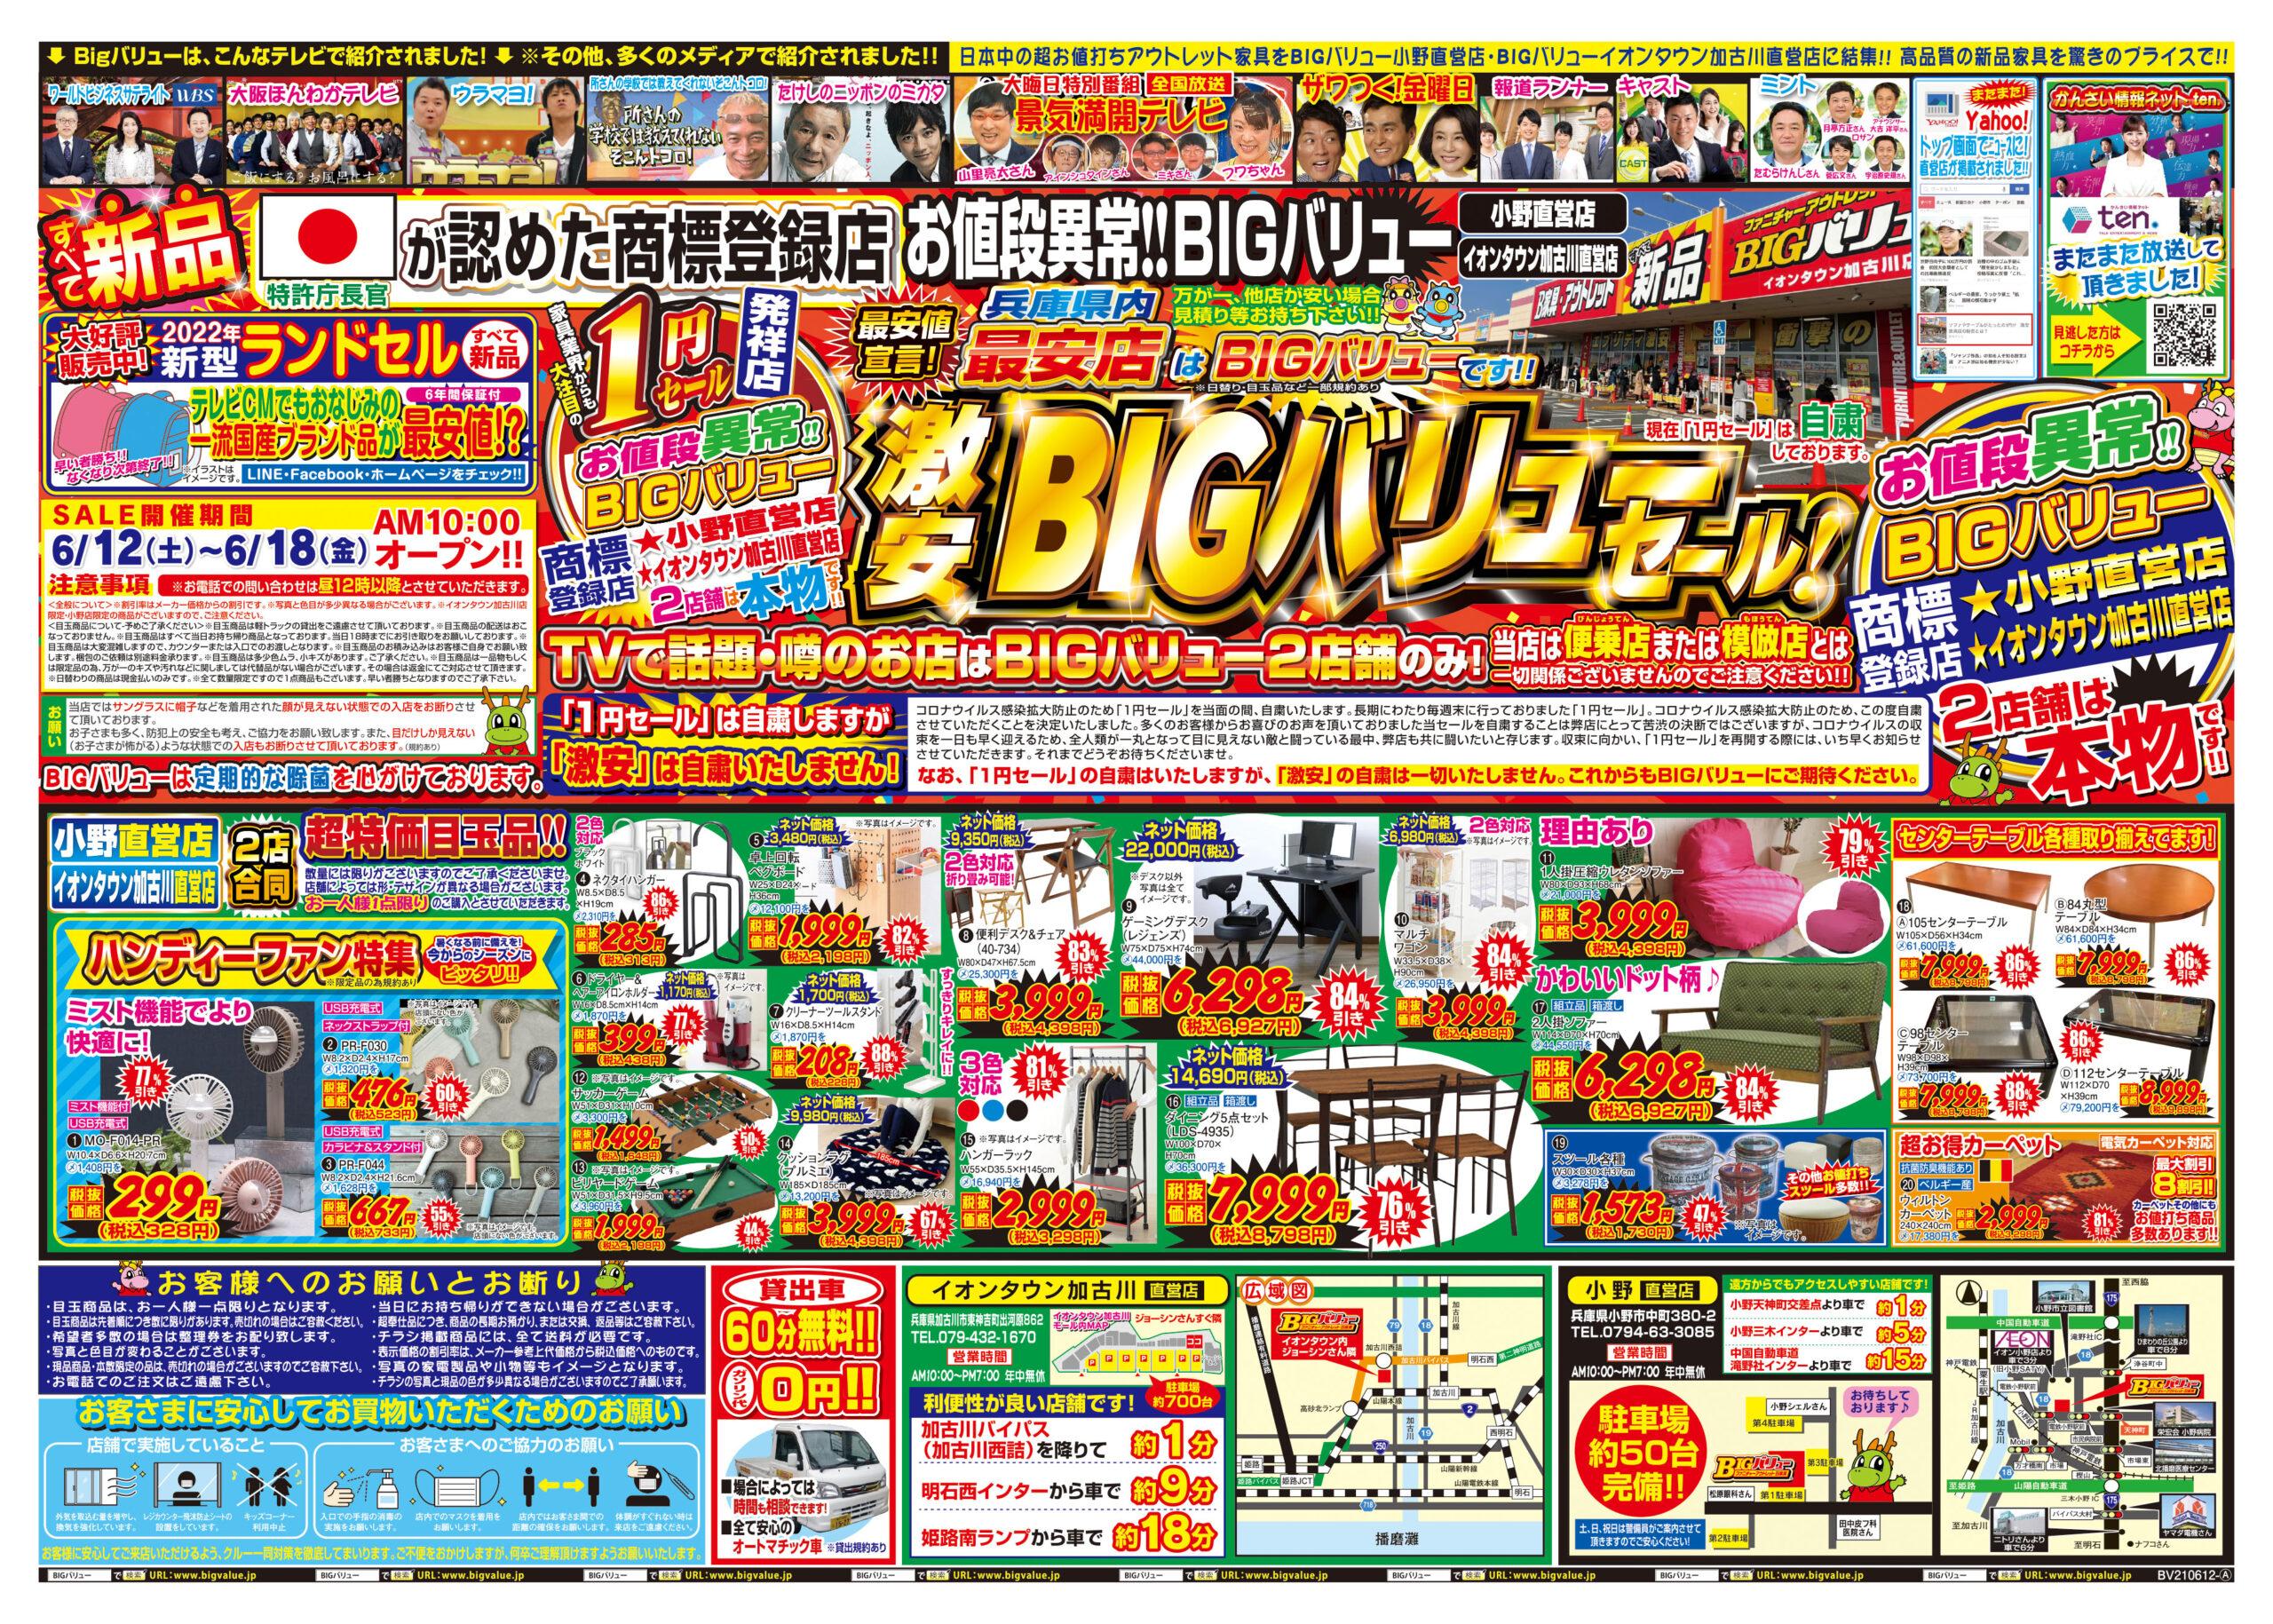 チラシ情報2021年6月12日~6月18日 小野店/イオンタウン加古川店